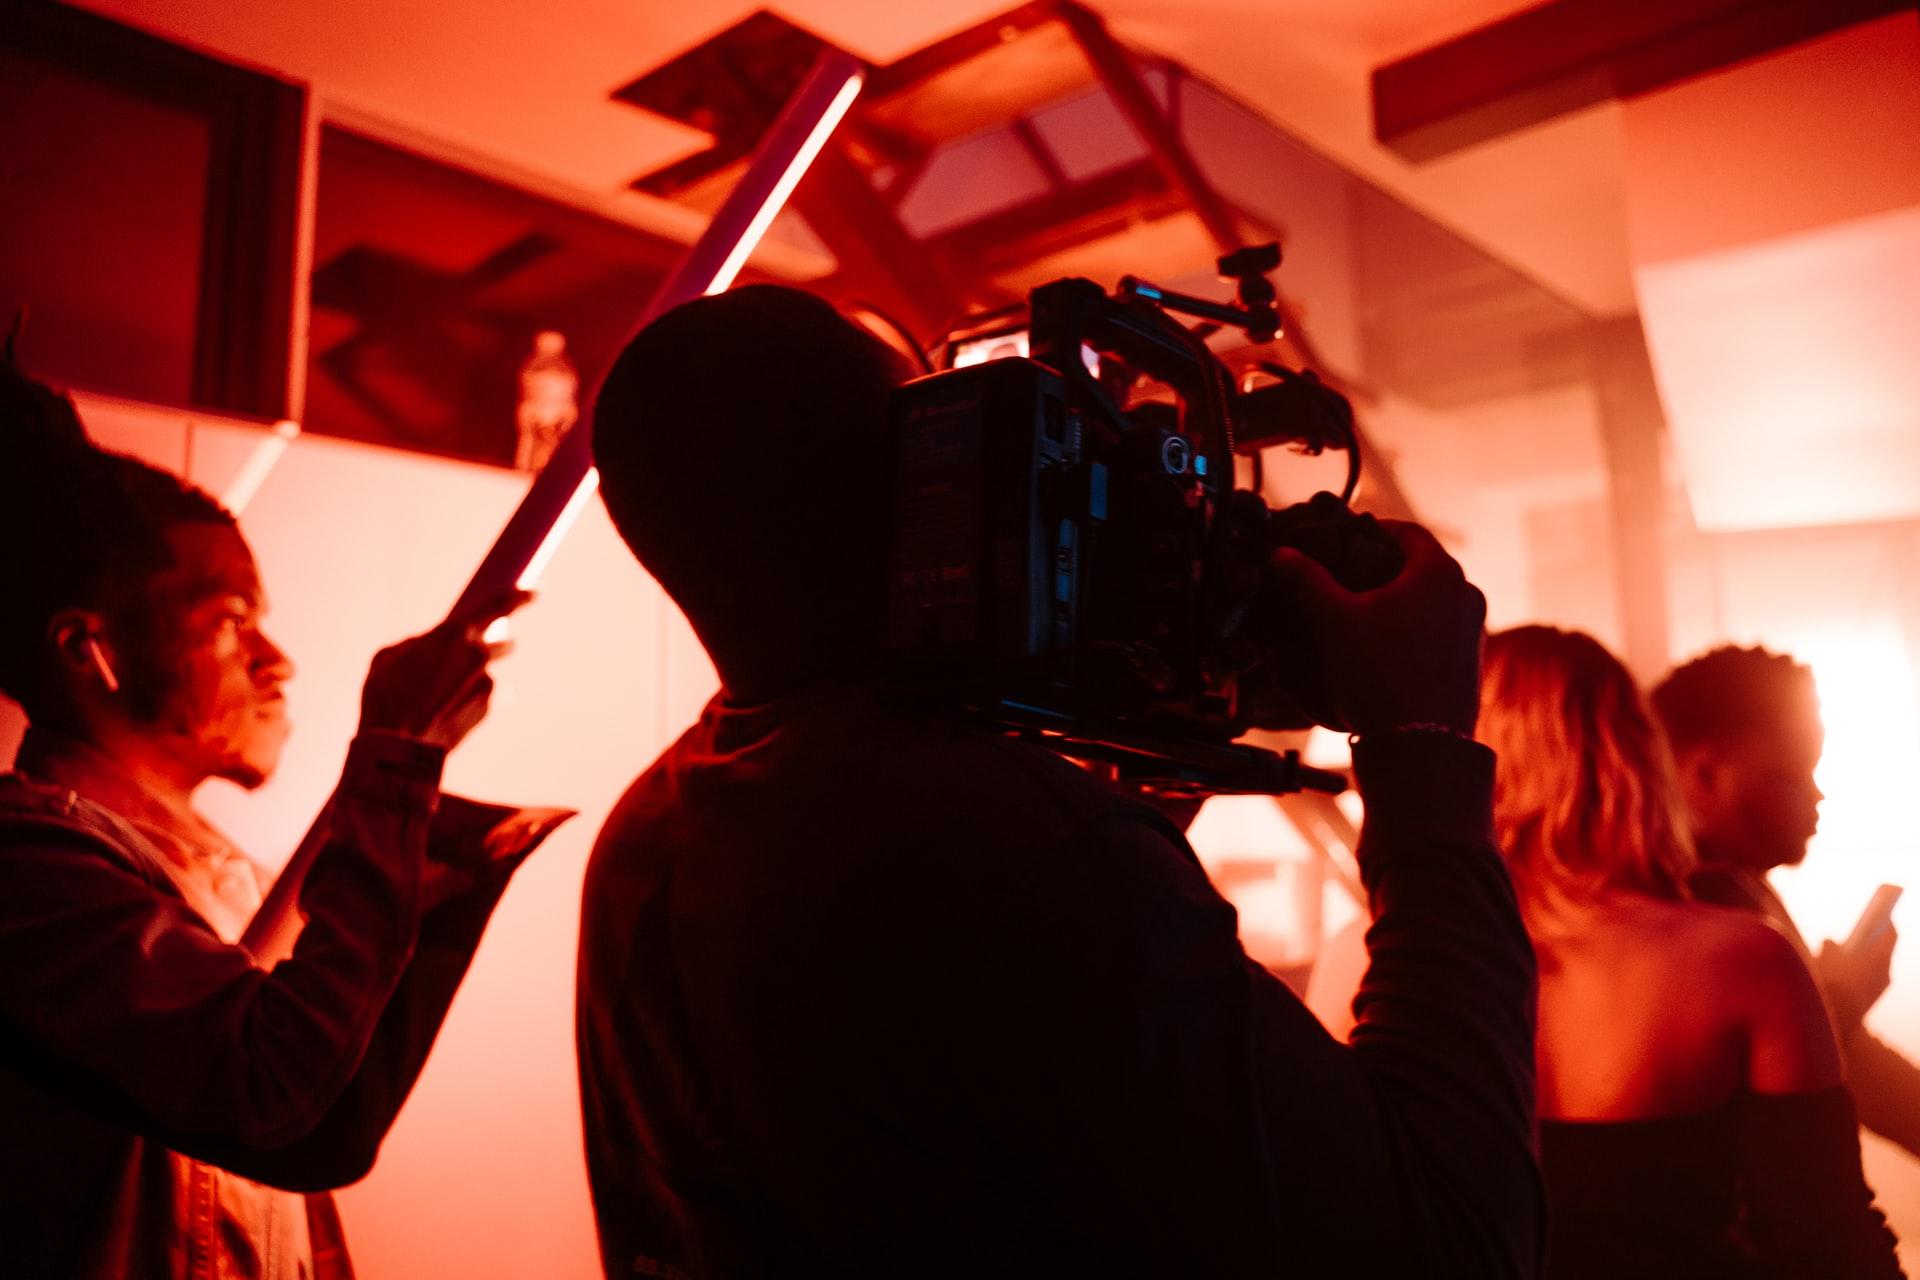 Za snimanje filma o rodnoj ravnopravnosti možete dobiti 5.000 kuna